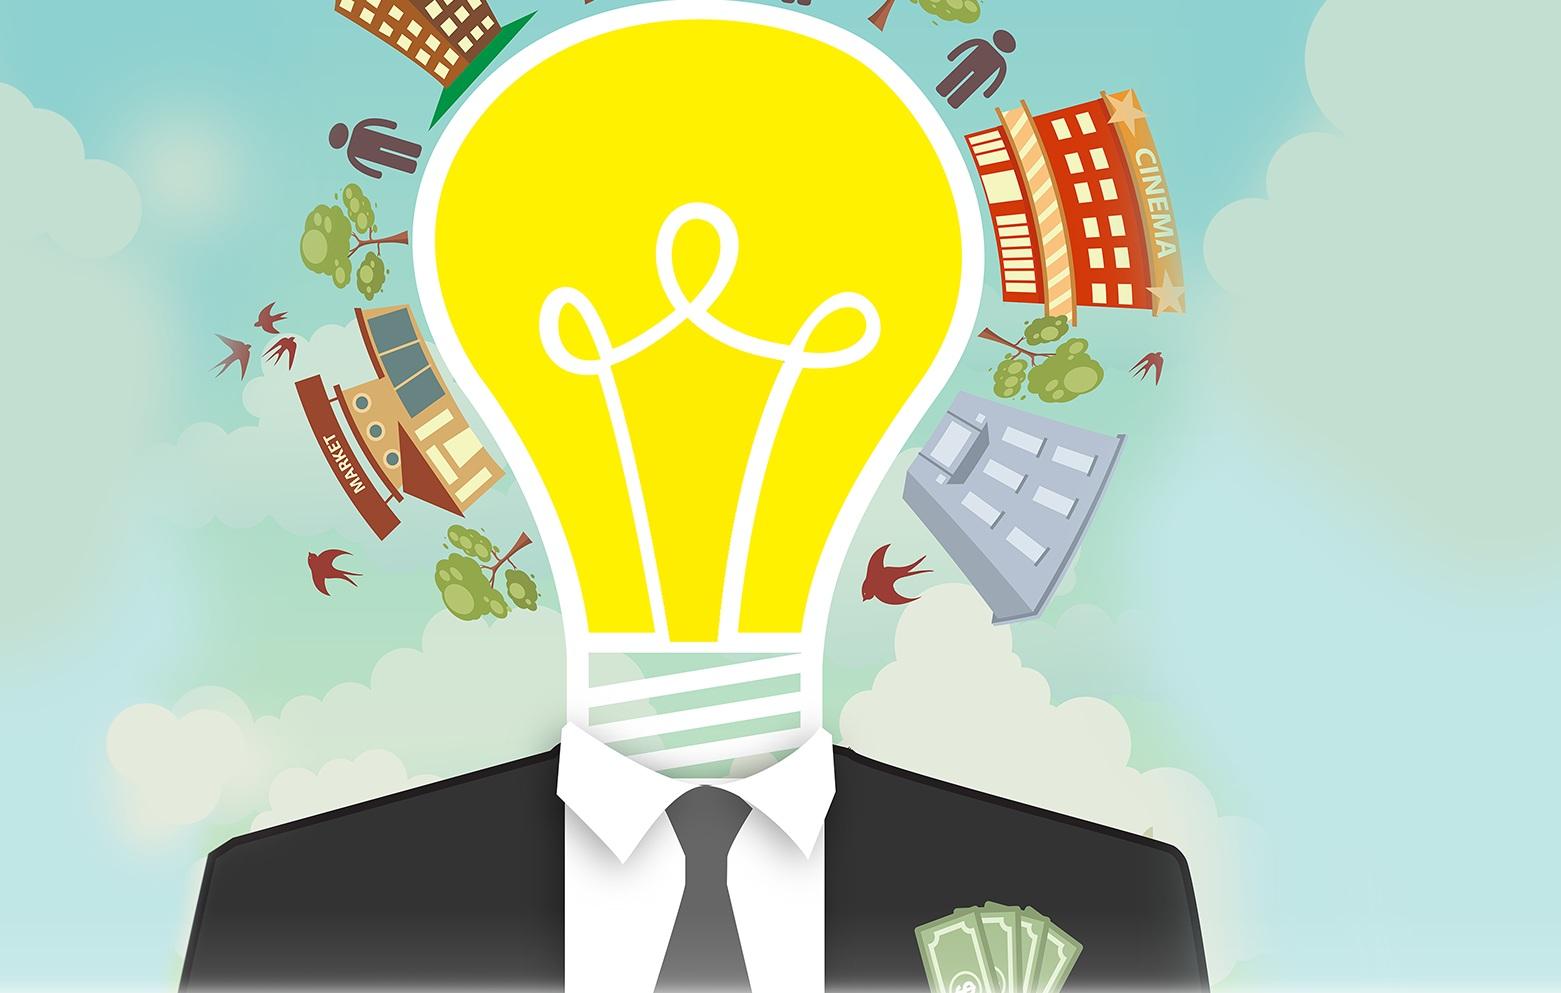 Kinh nghiệm kinh doanh ít vốn